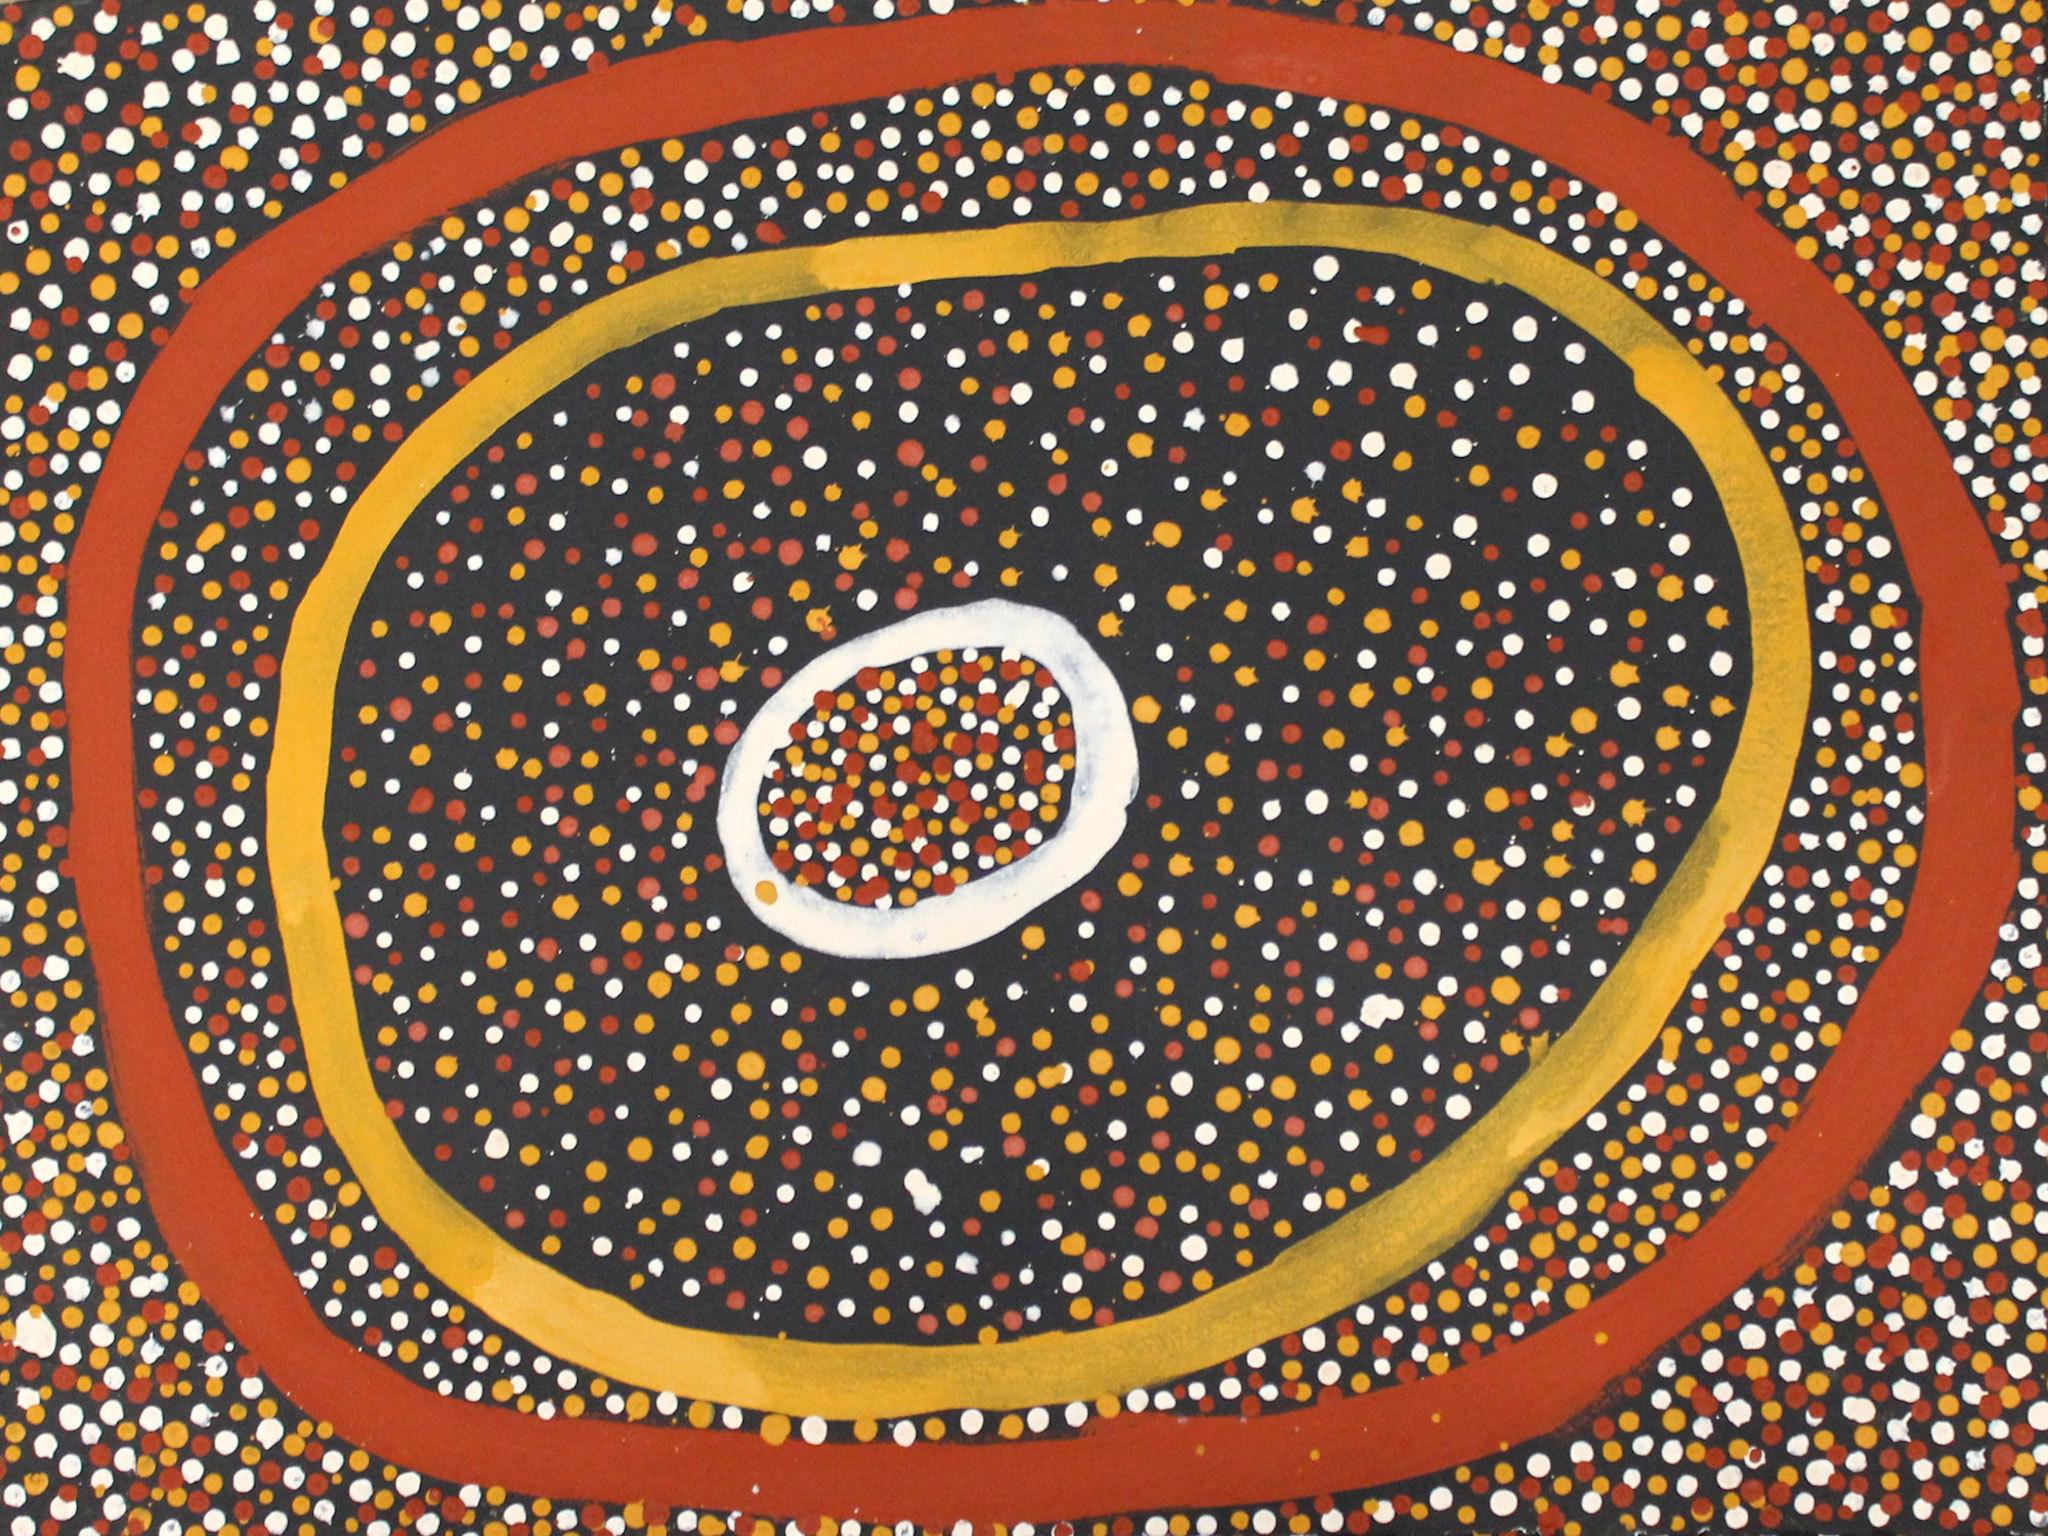 aboriginal artwork   DriverLayer Search Engine 2048x1536